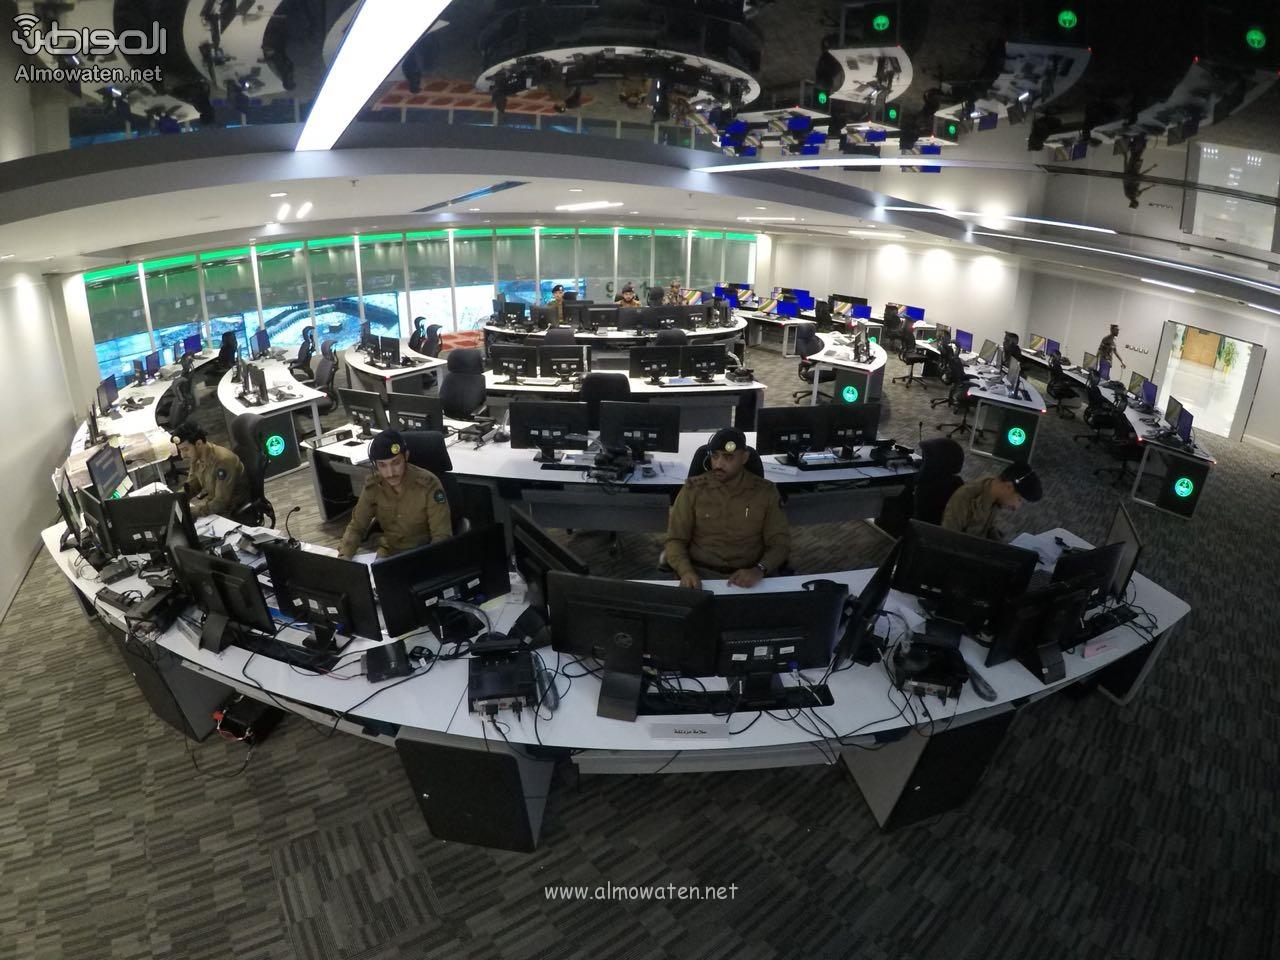 مركز العمليات الأمنية 911 8